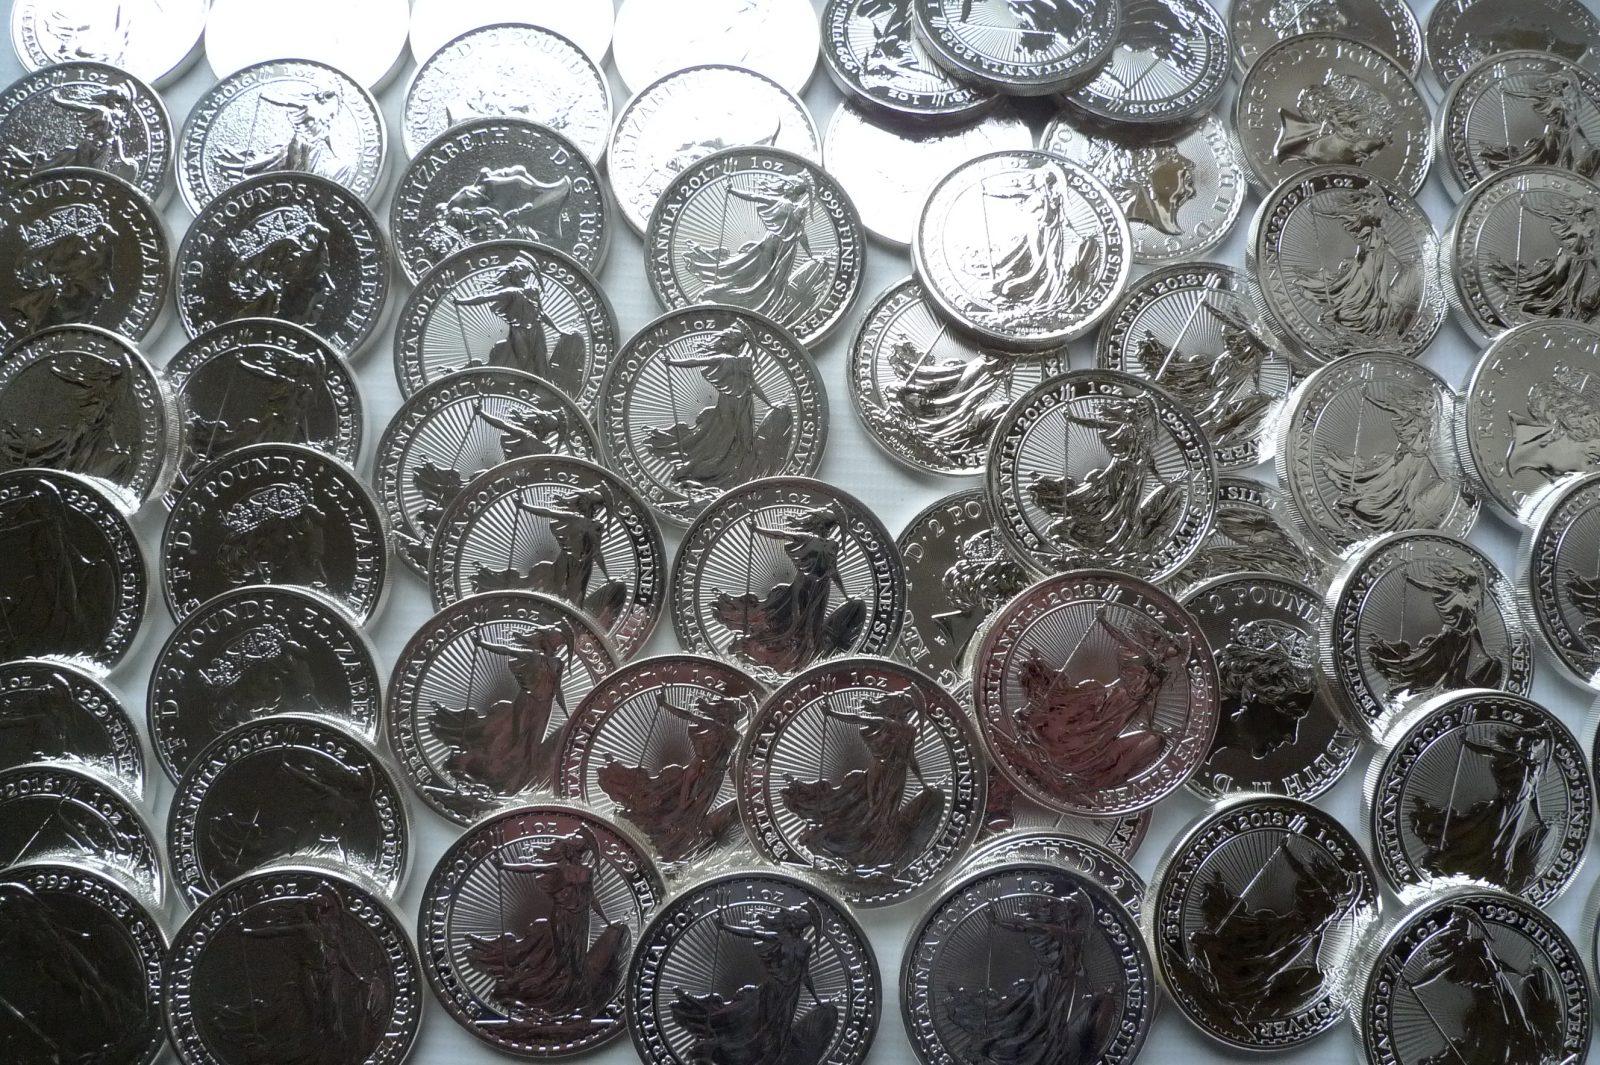 GB britannia silver bullion coins